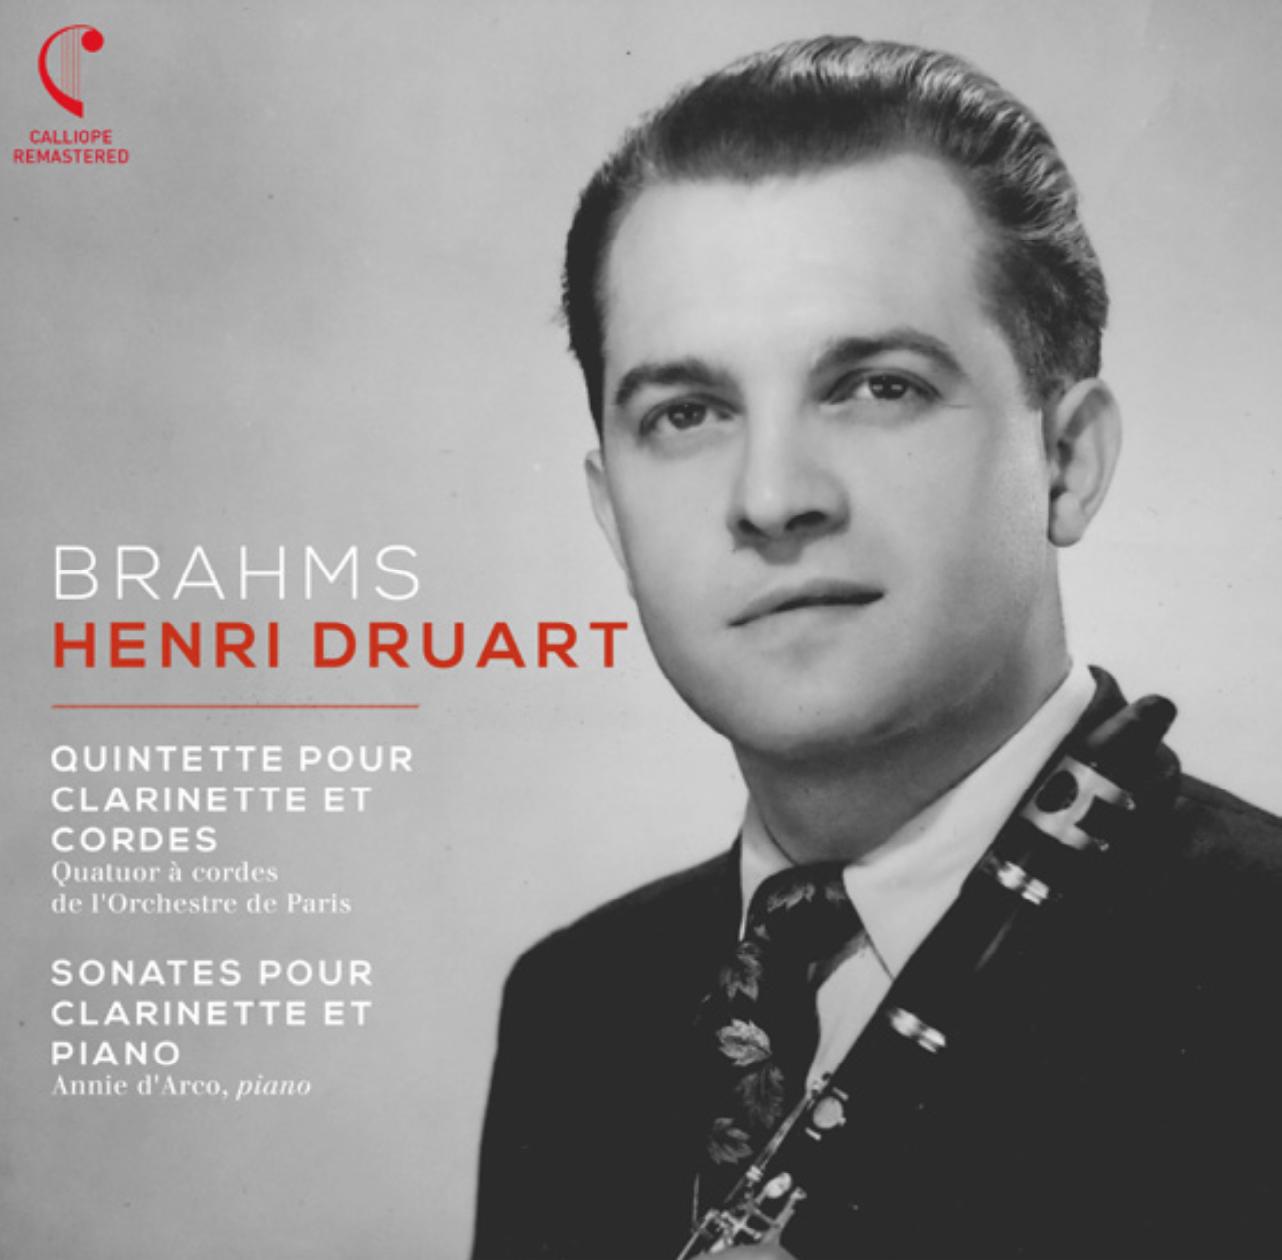 Henri Druart